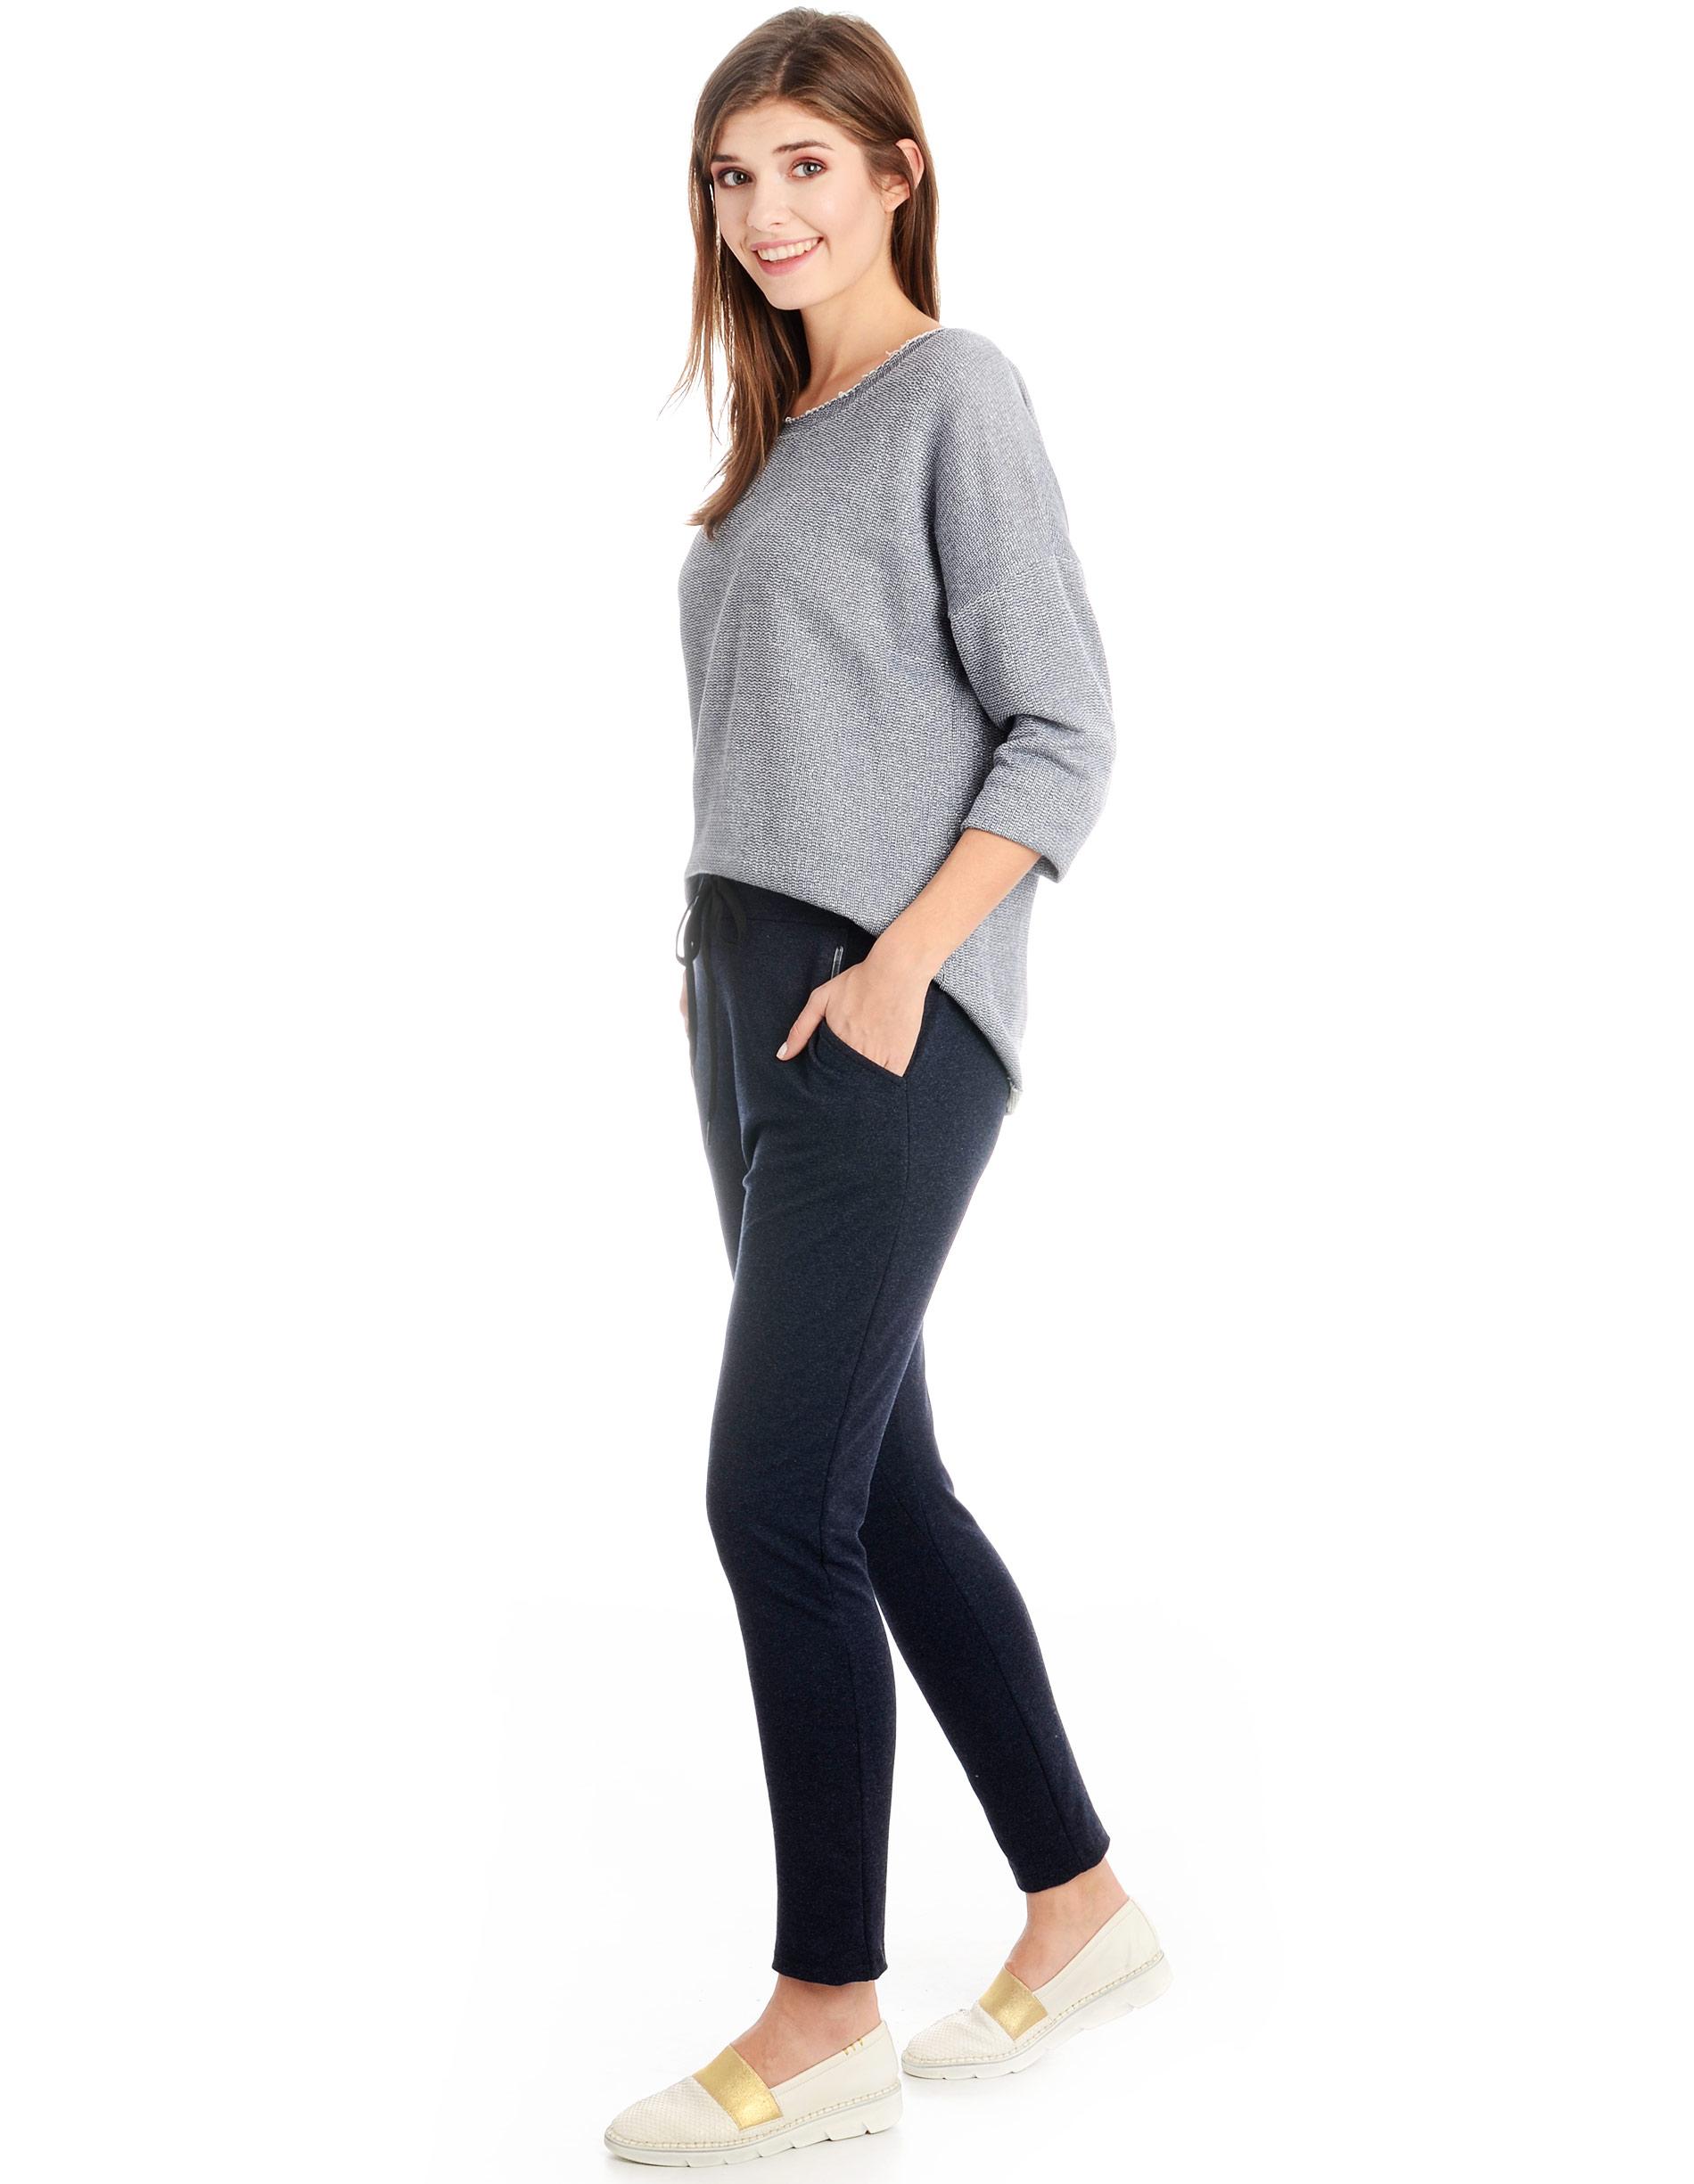 Spodnie - 30-64163F BLS - Unisono